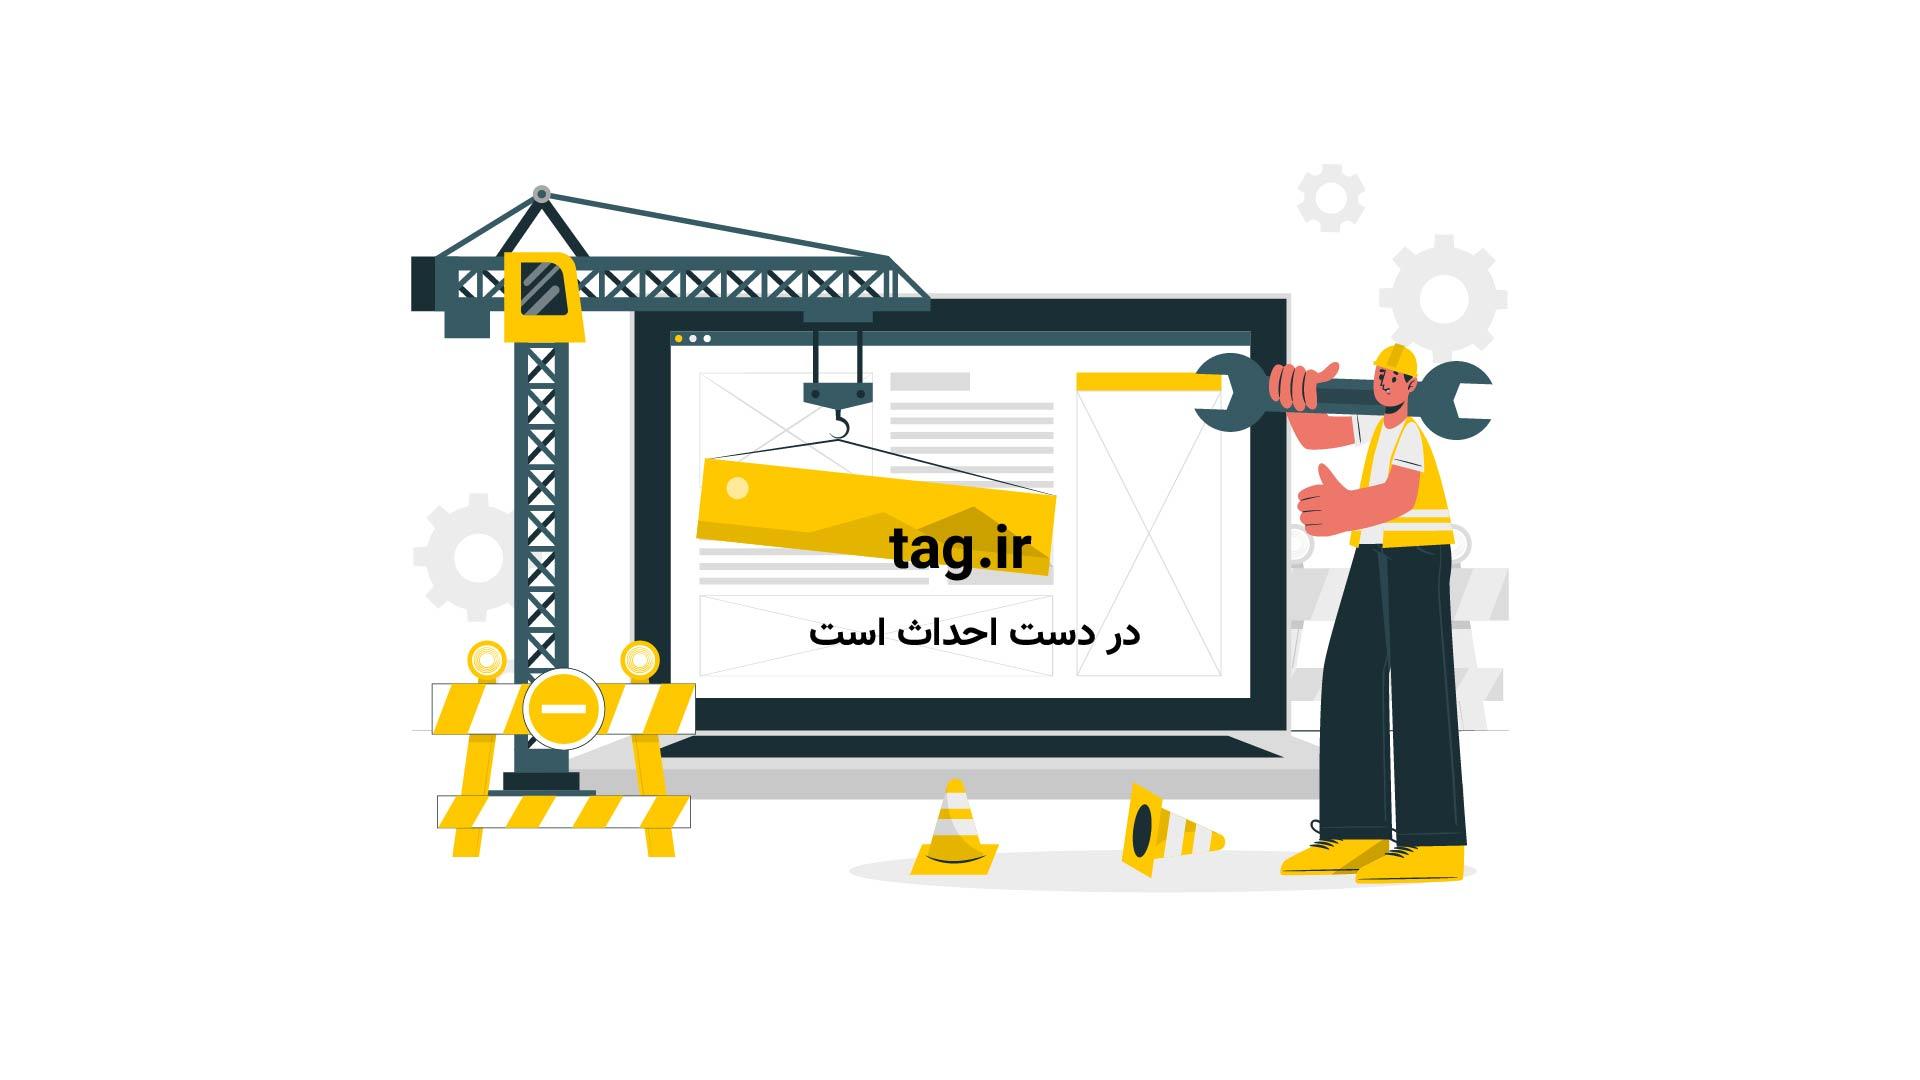 شناخت خاک و گلدان مناسب برای کاشت سبزیجات در منزل | فیلم